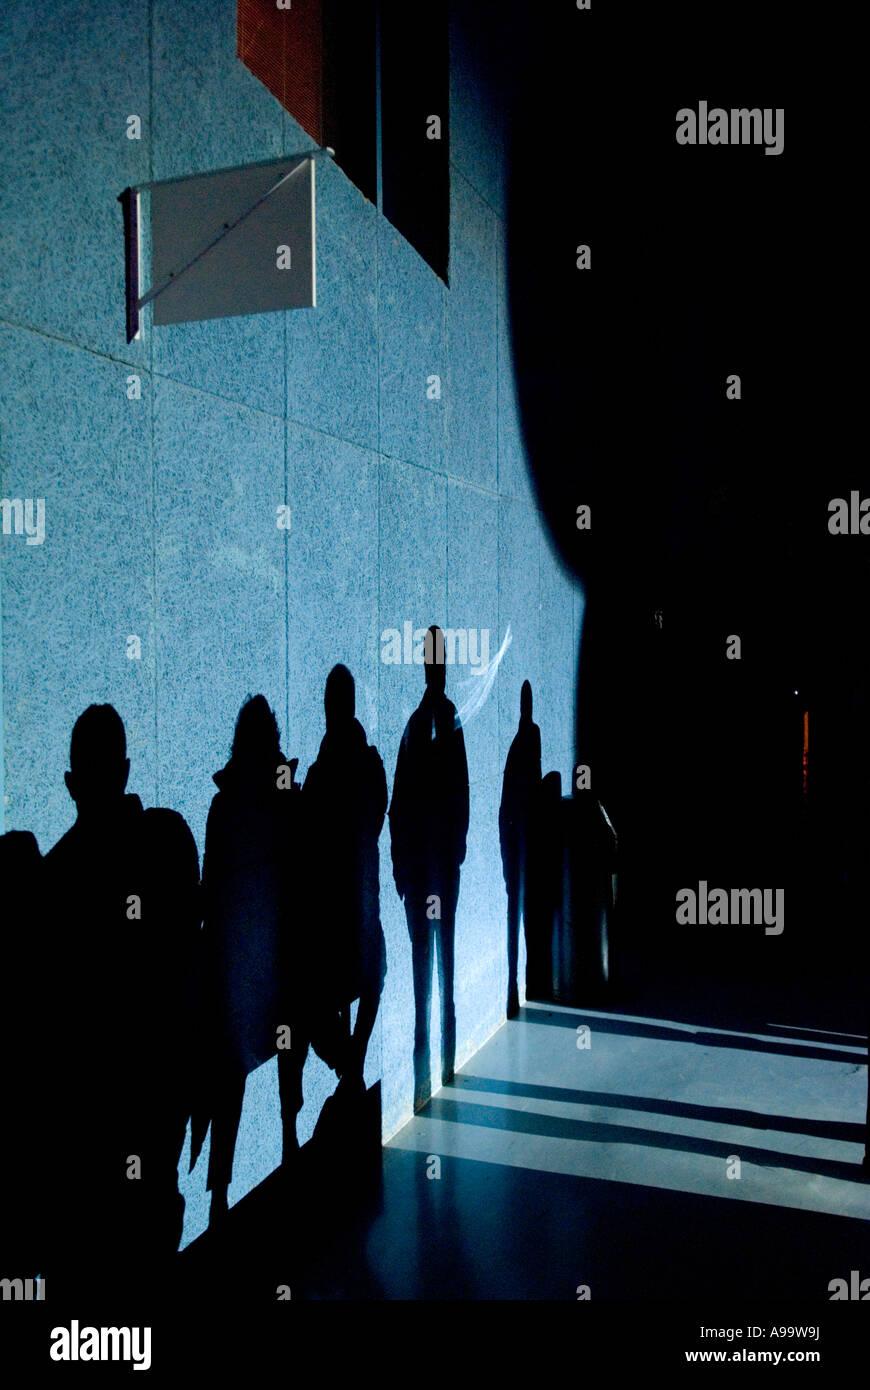 440 eine Linie von voller Länge Schatten von Menschen an einer Wand Stockbild